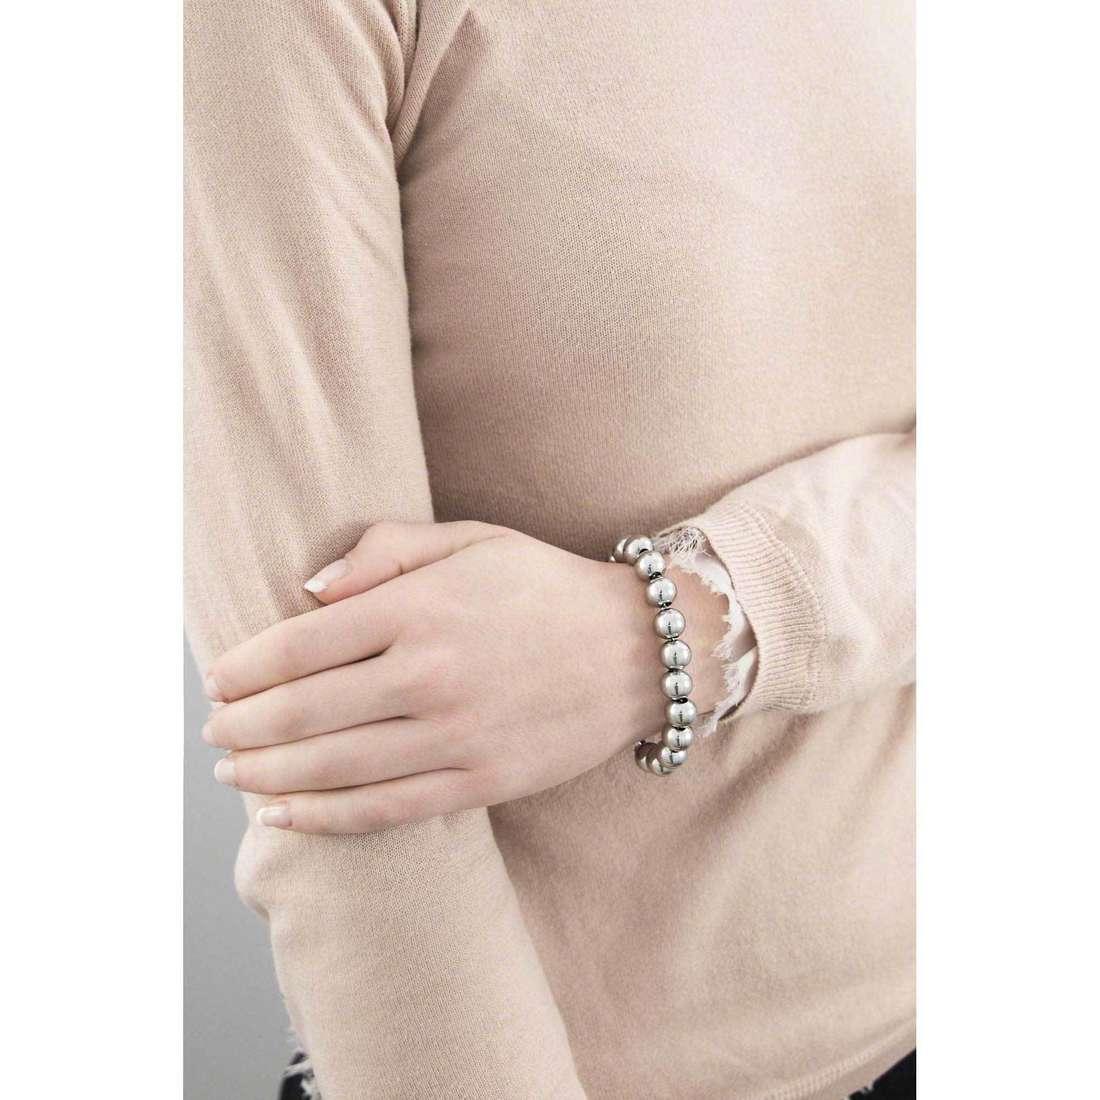 Nomination bracelets Symphony femme 026203/001 indosso